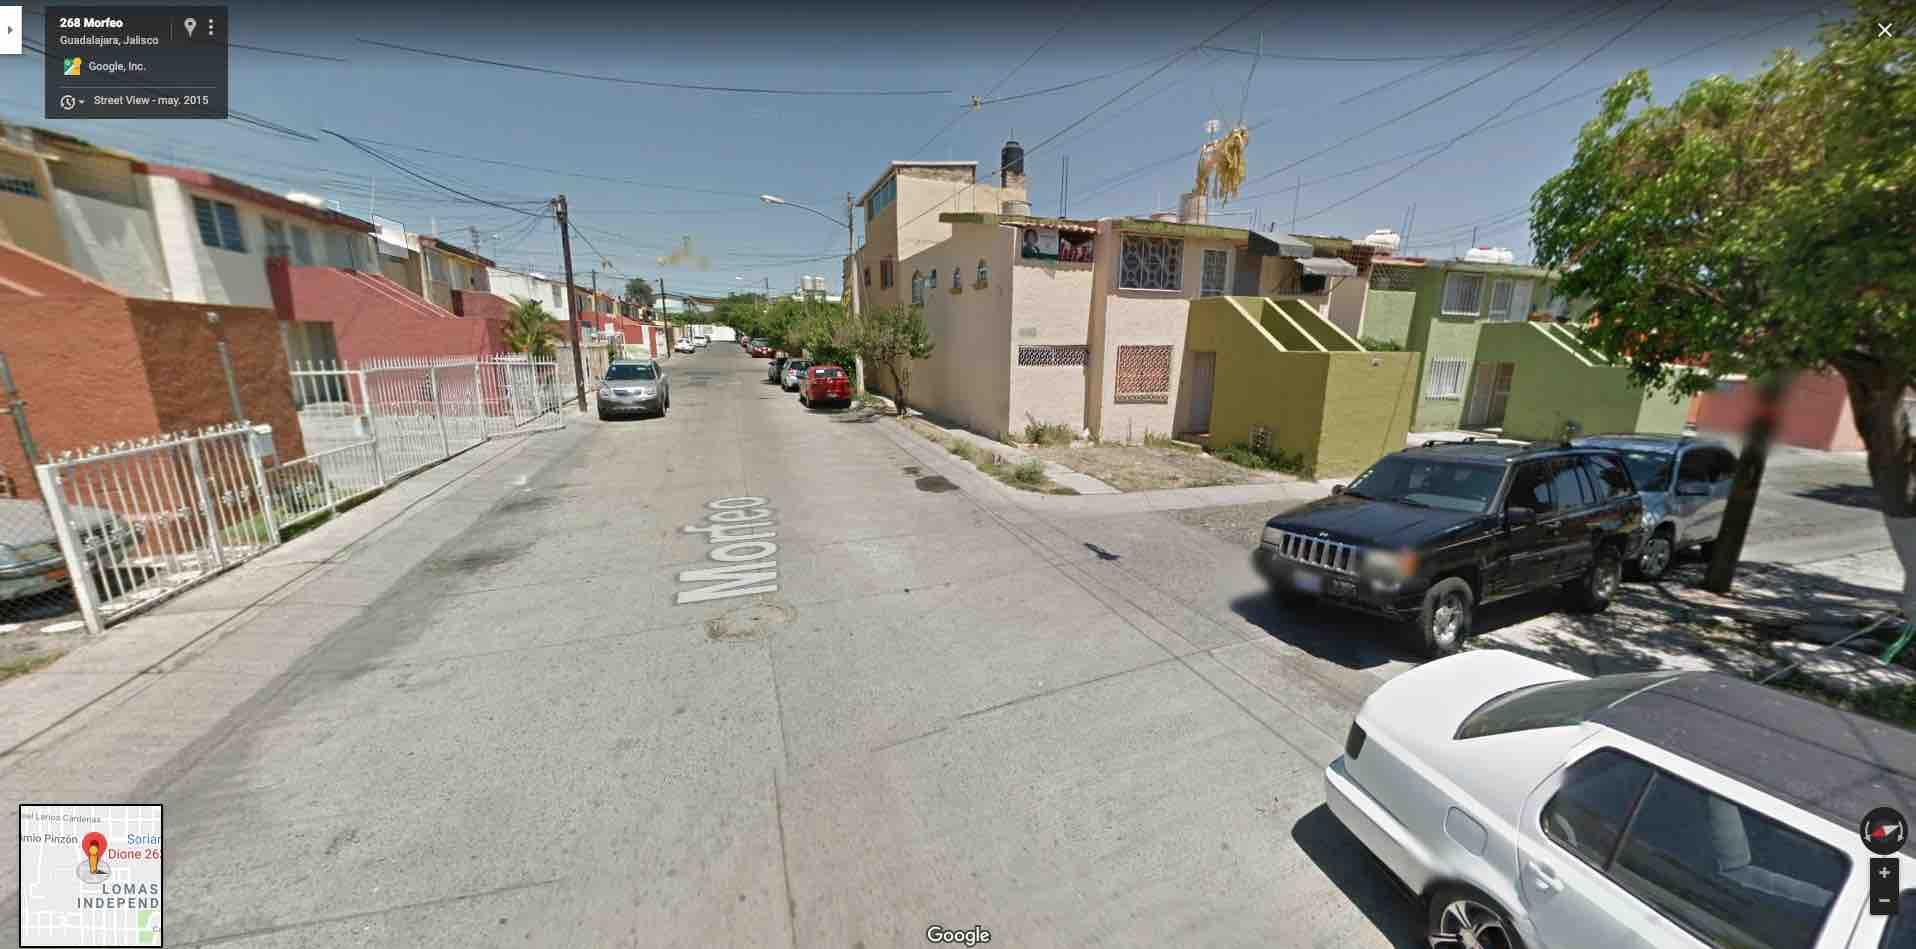 Col. Lomas de Independencia, Calle Dione 2638, Casa 2, Planta Baja, Guadalajara, Jal. C.P. 44240